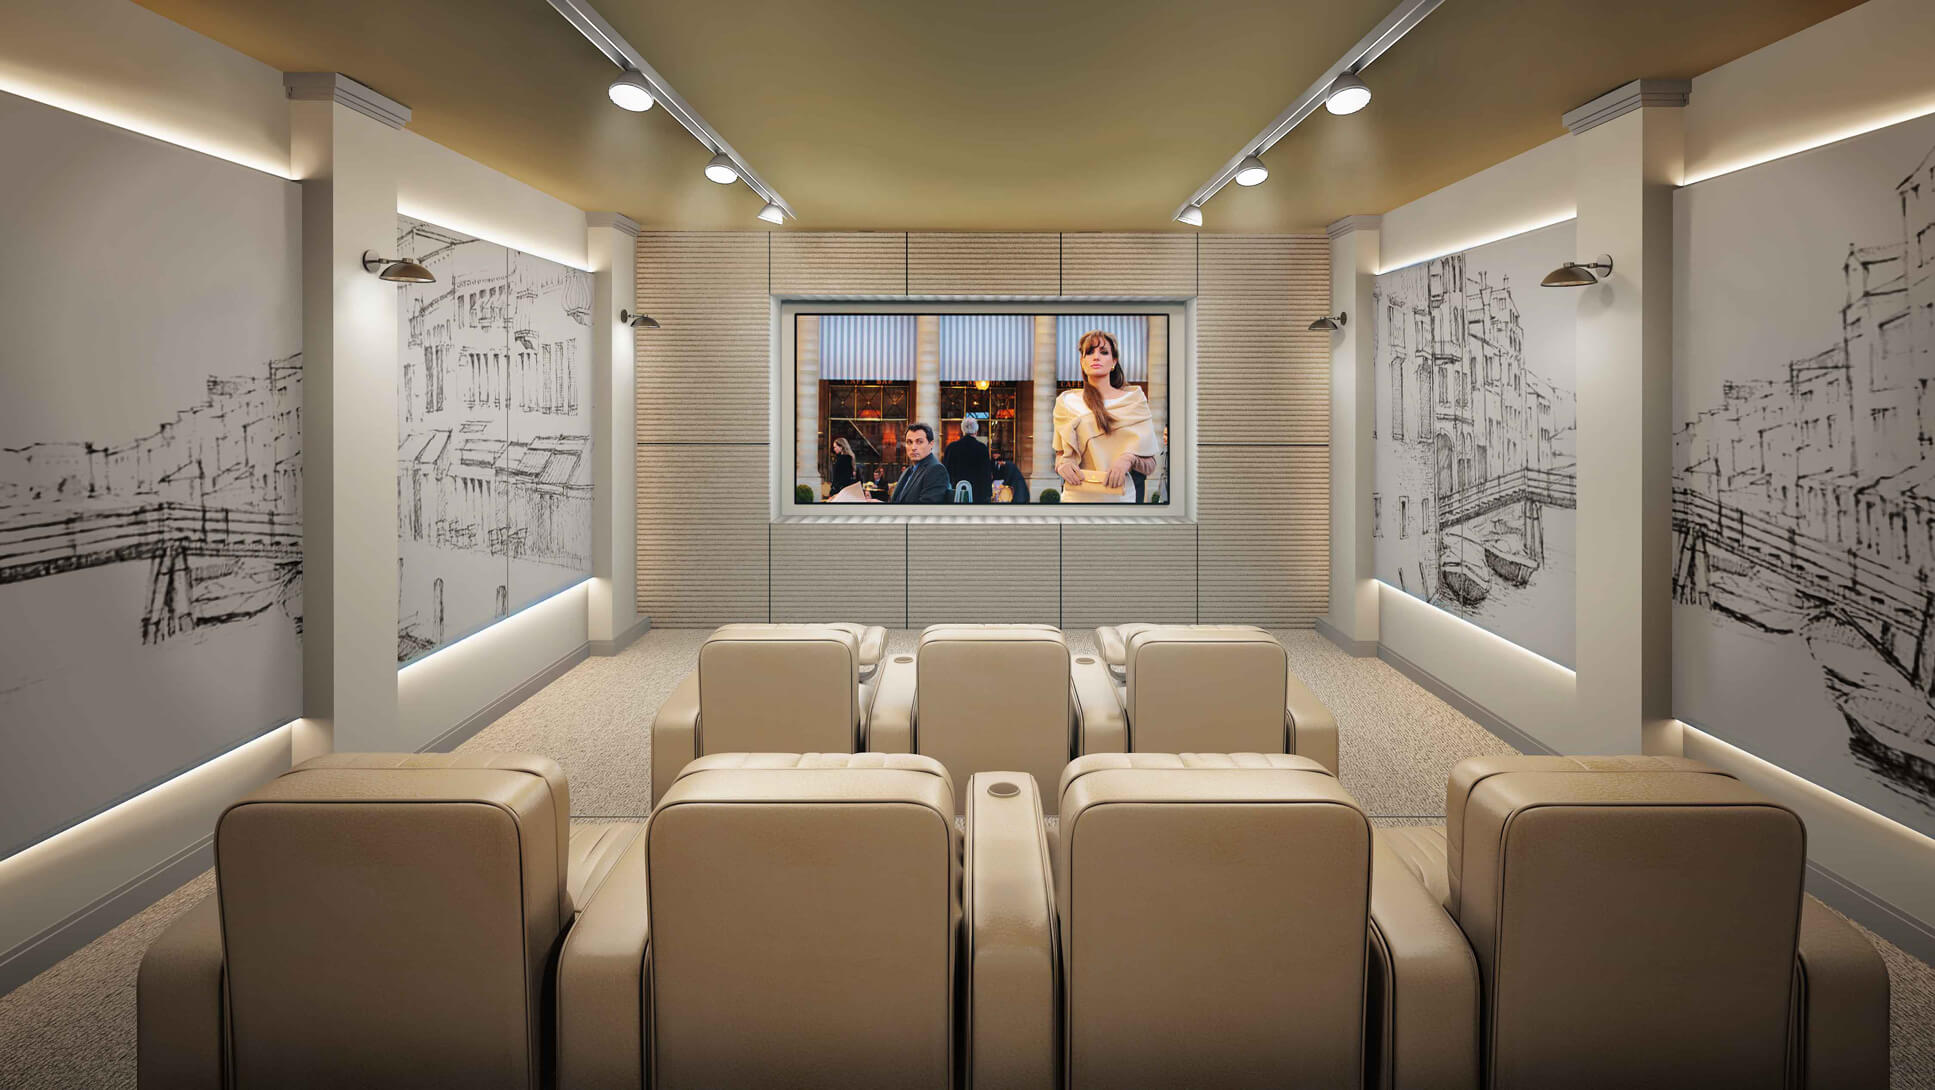 اتاق سینمای خصوصی